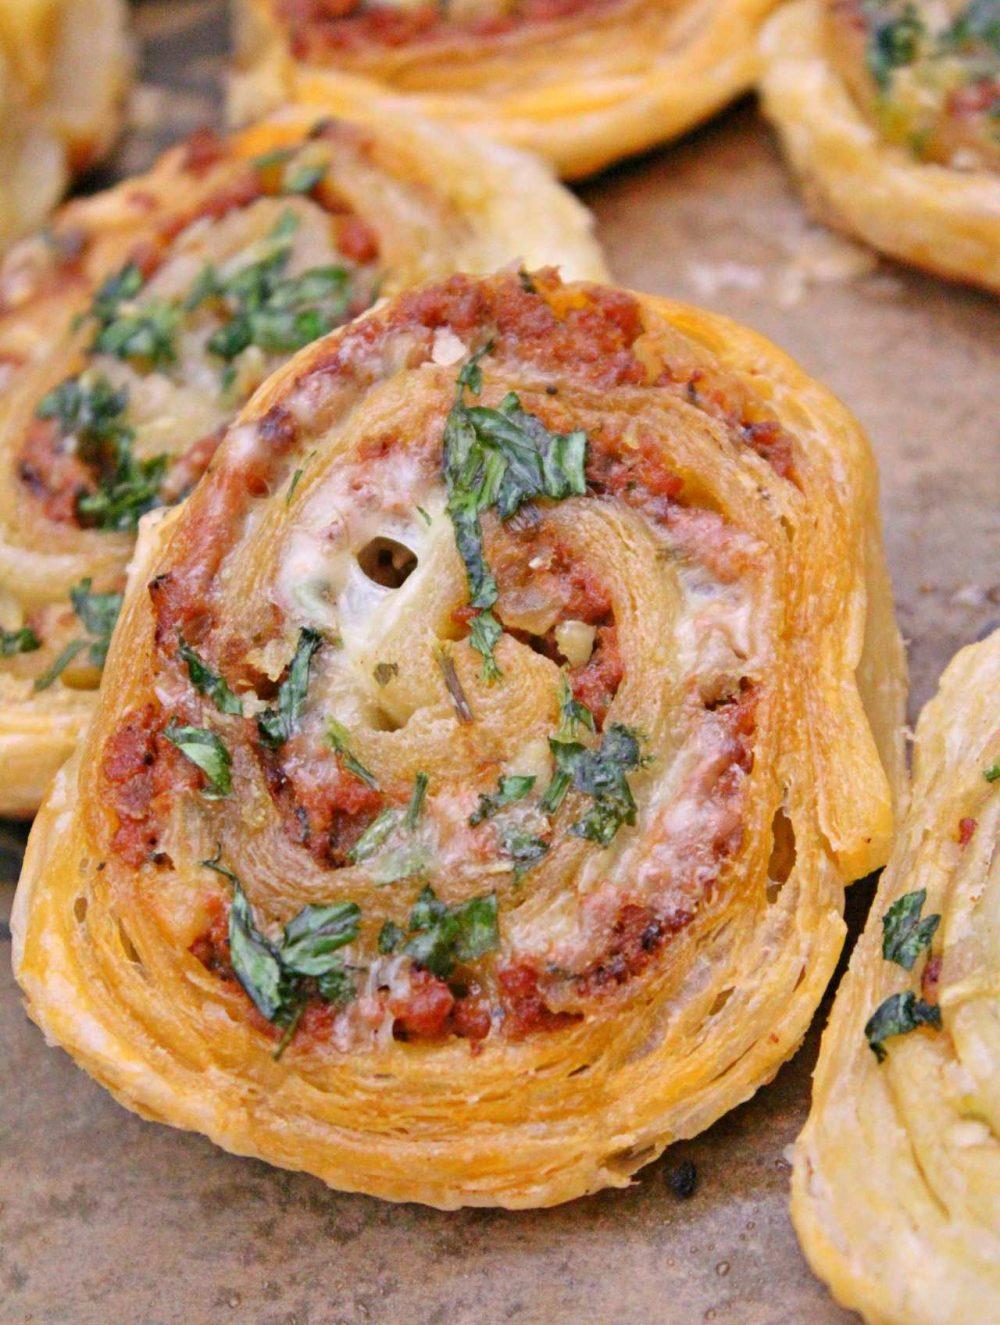 Garlicky & Cheesy Meat Pinwheels Recipe